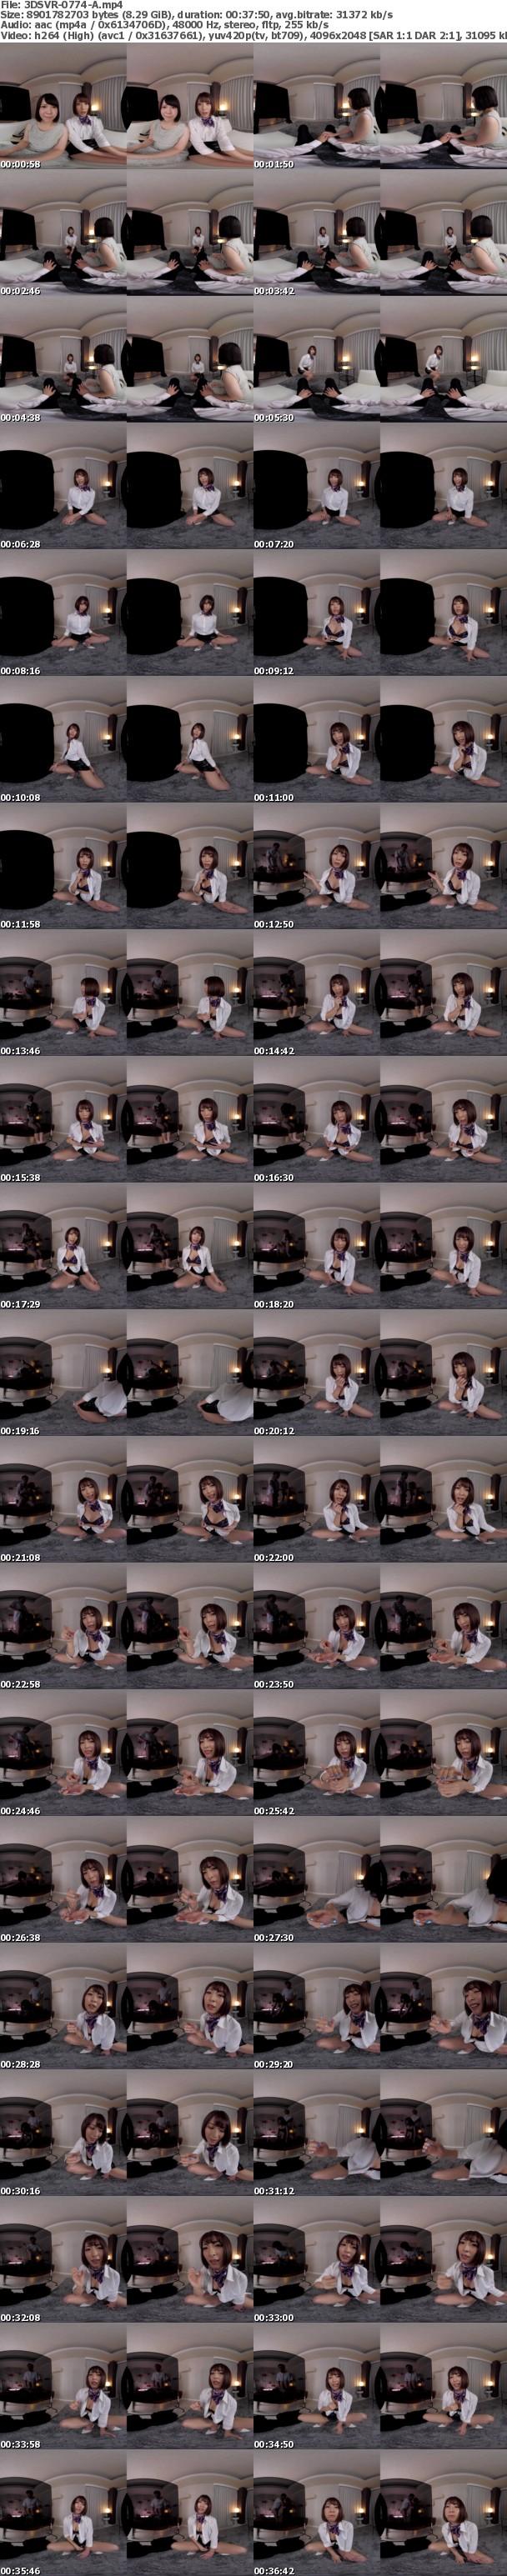 (VR) 3DSVR-0774 NTR×JOI マジックミラー越しに彼女が寝取られながら痴女に射精管理される僕